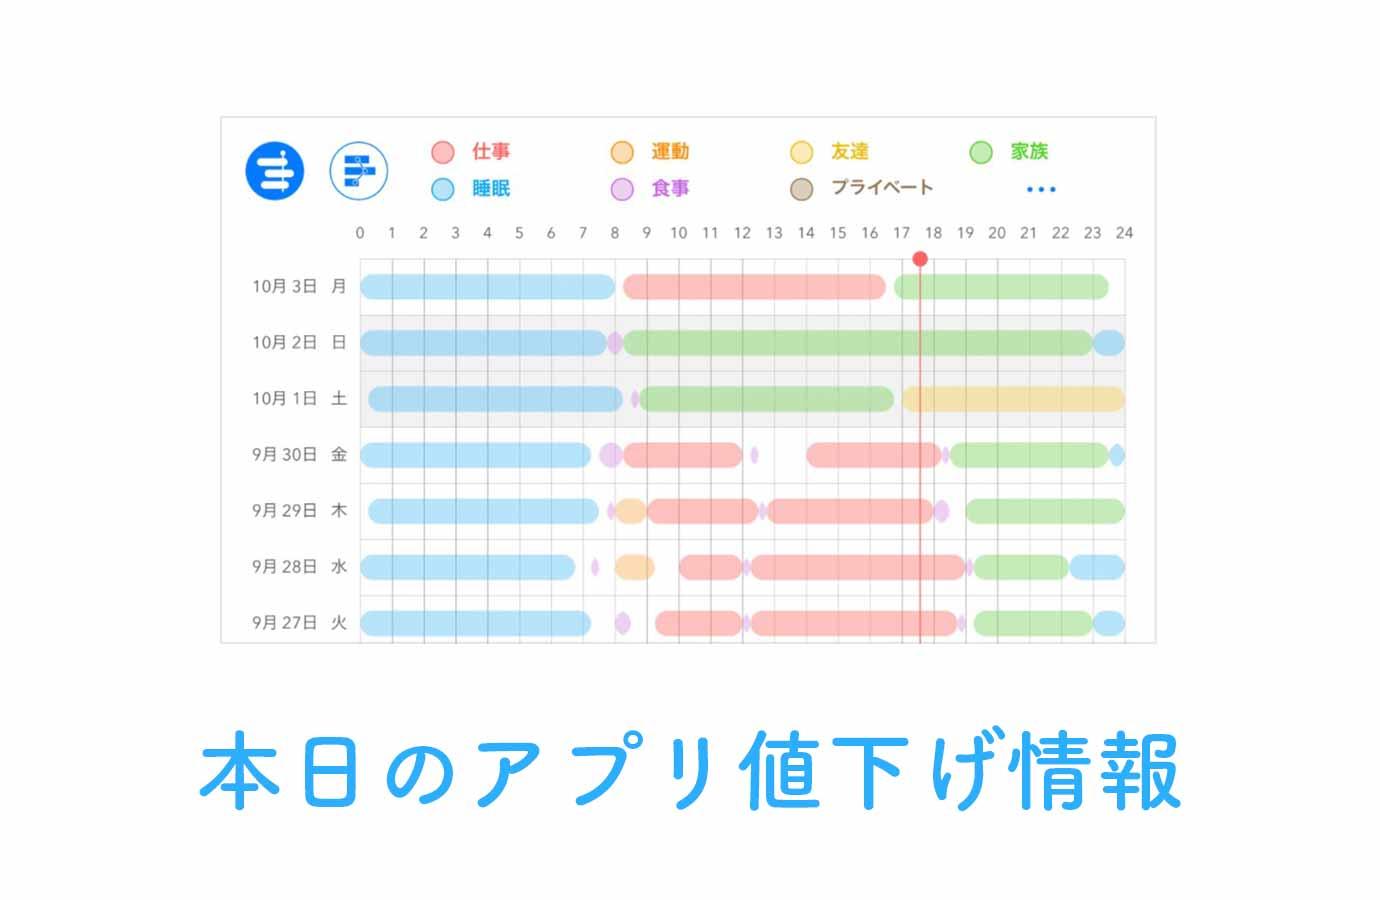 480円→無料!日々の活動を記録し一覧比較&分析できるアプリ「ライフログ」など【10/15】アプリ値下げ情報